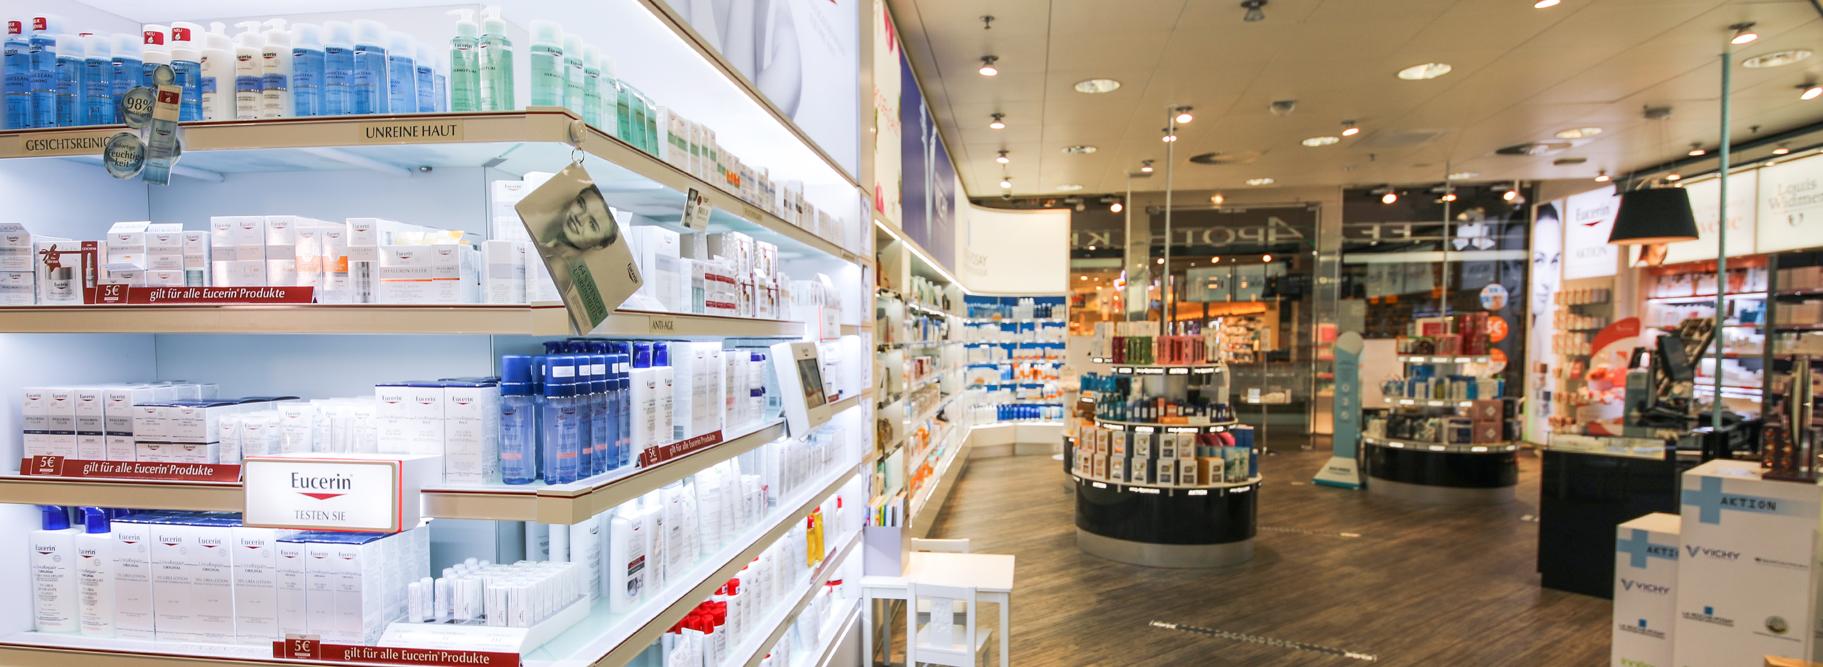 EEZ-Apotheke-Kosmetik-Feuchtigkeitspflege